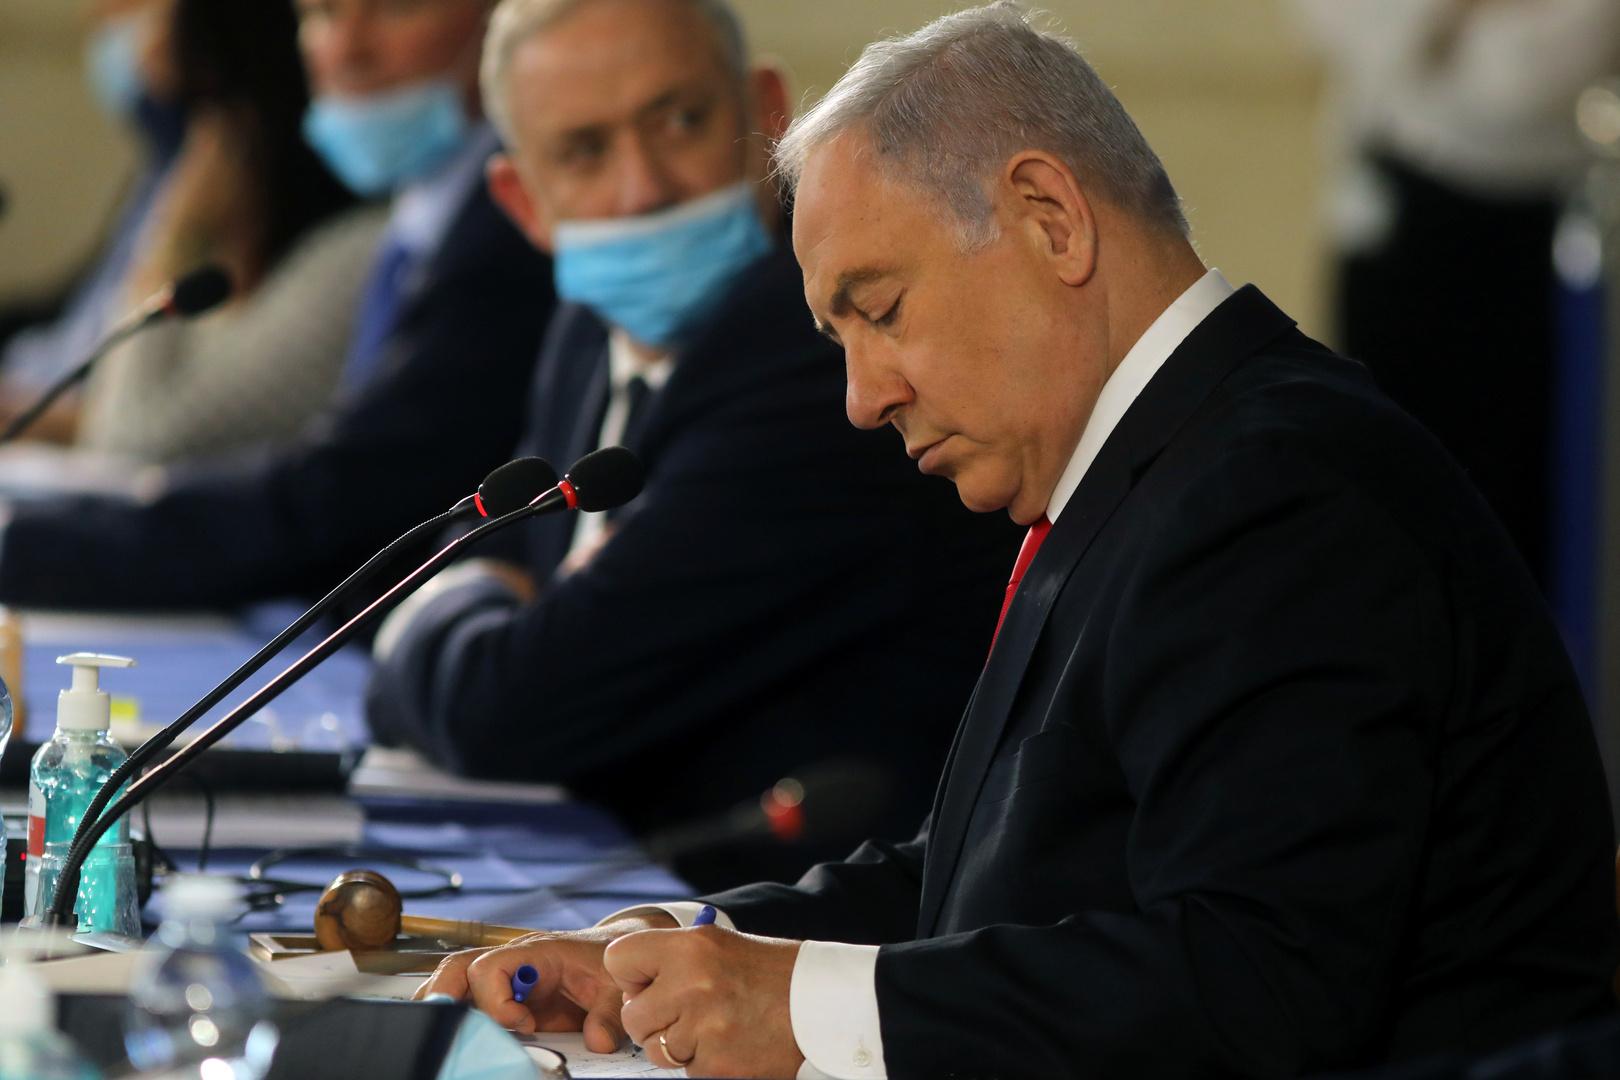 جلسة للحكومة الإسرائيلية، أرشيف